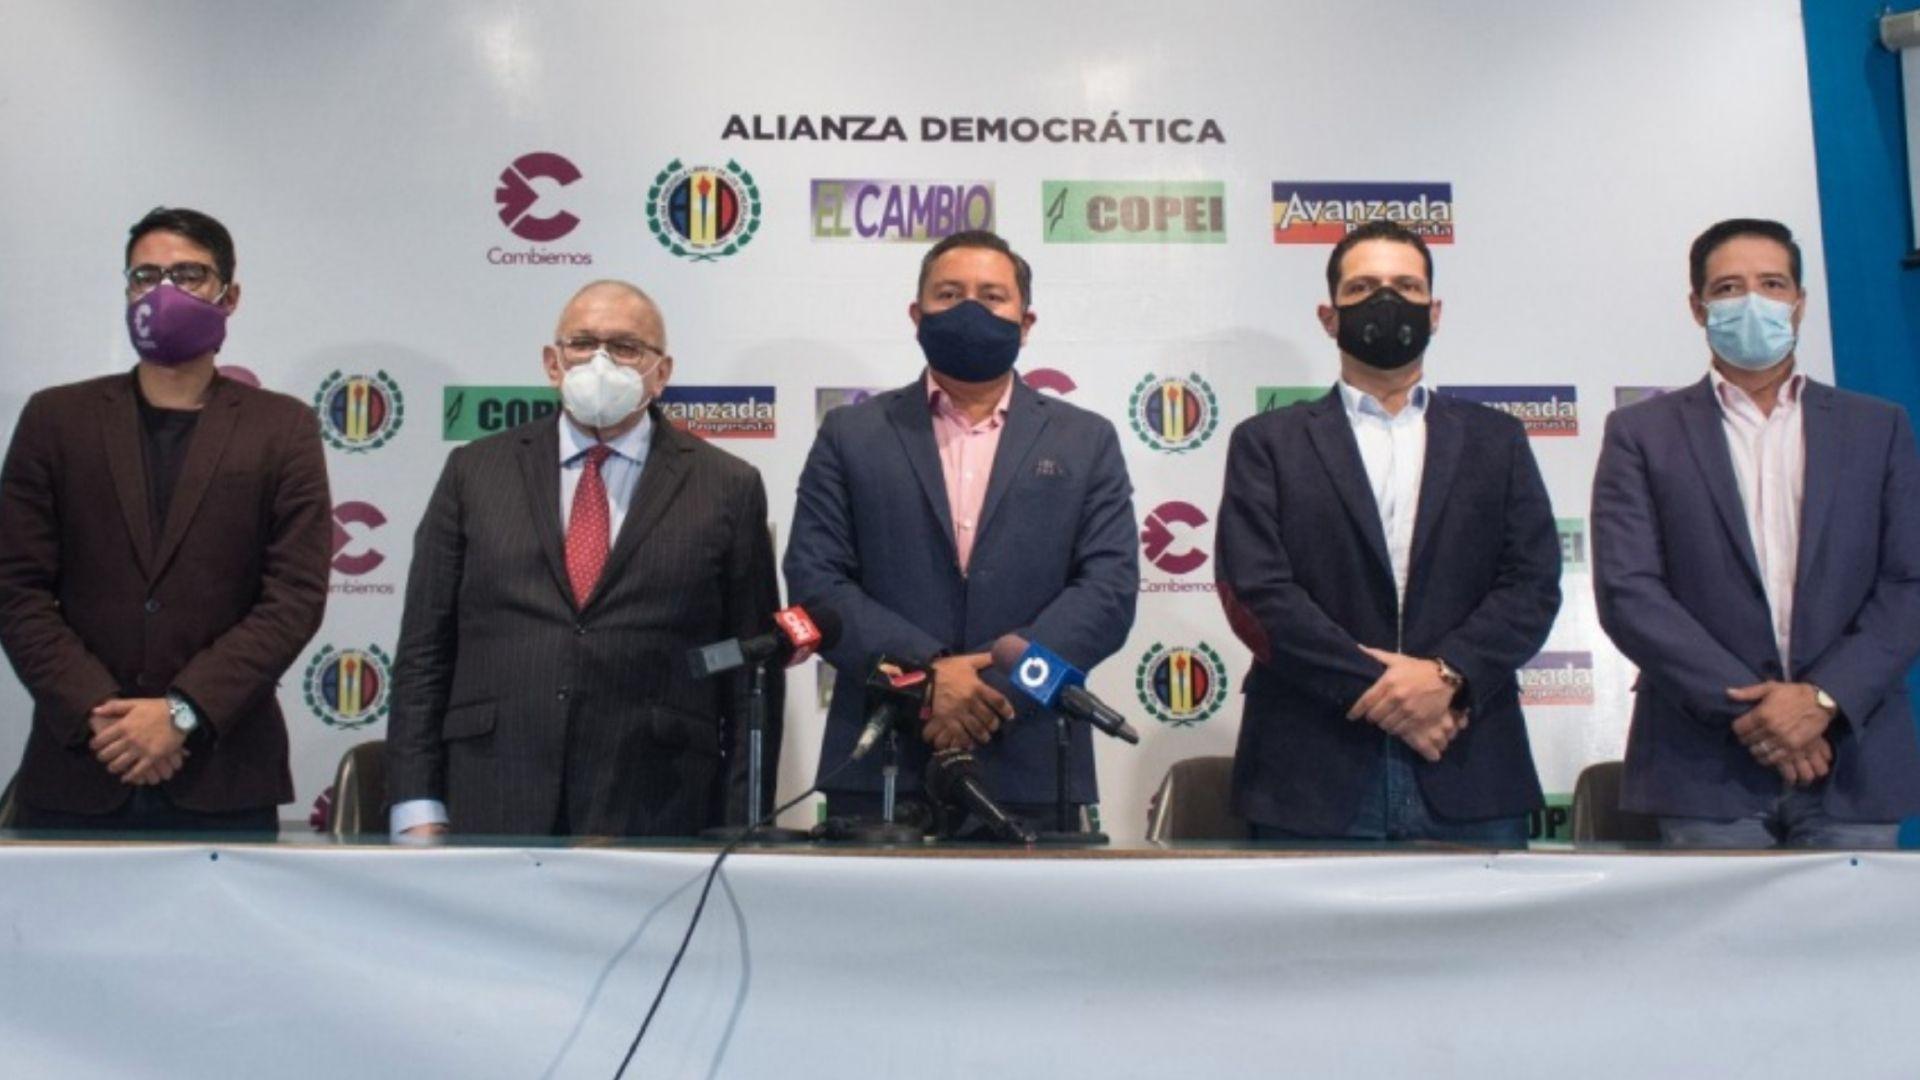 La Alianza Democrática presenta su lista de candidatos por el estado Zulia